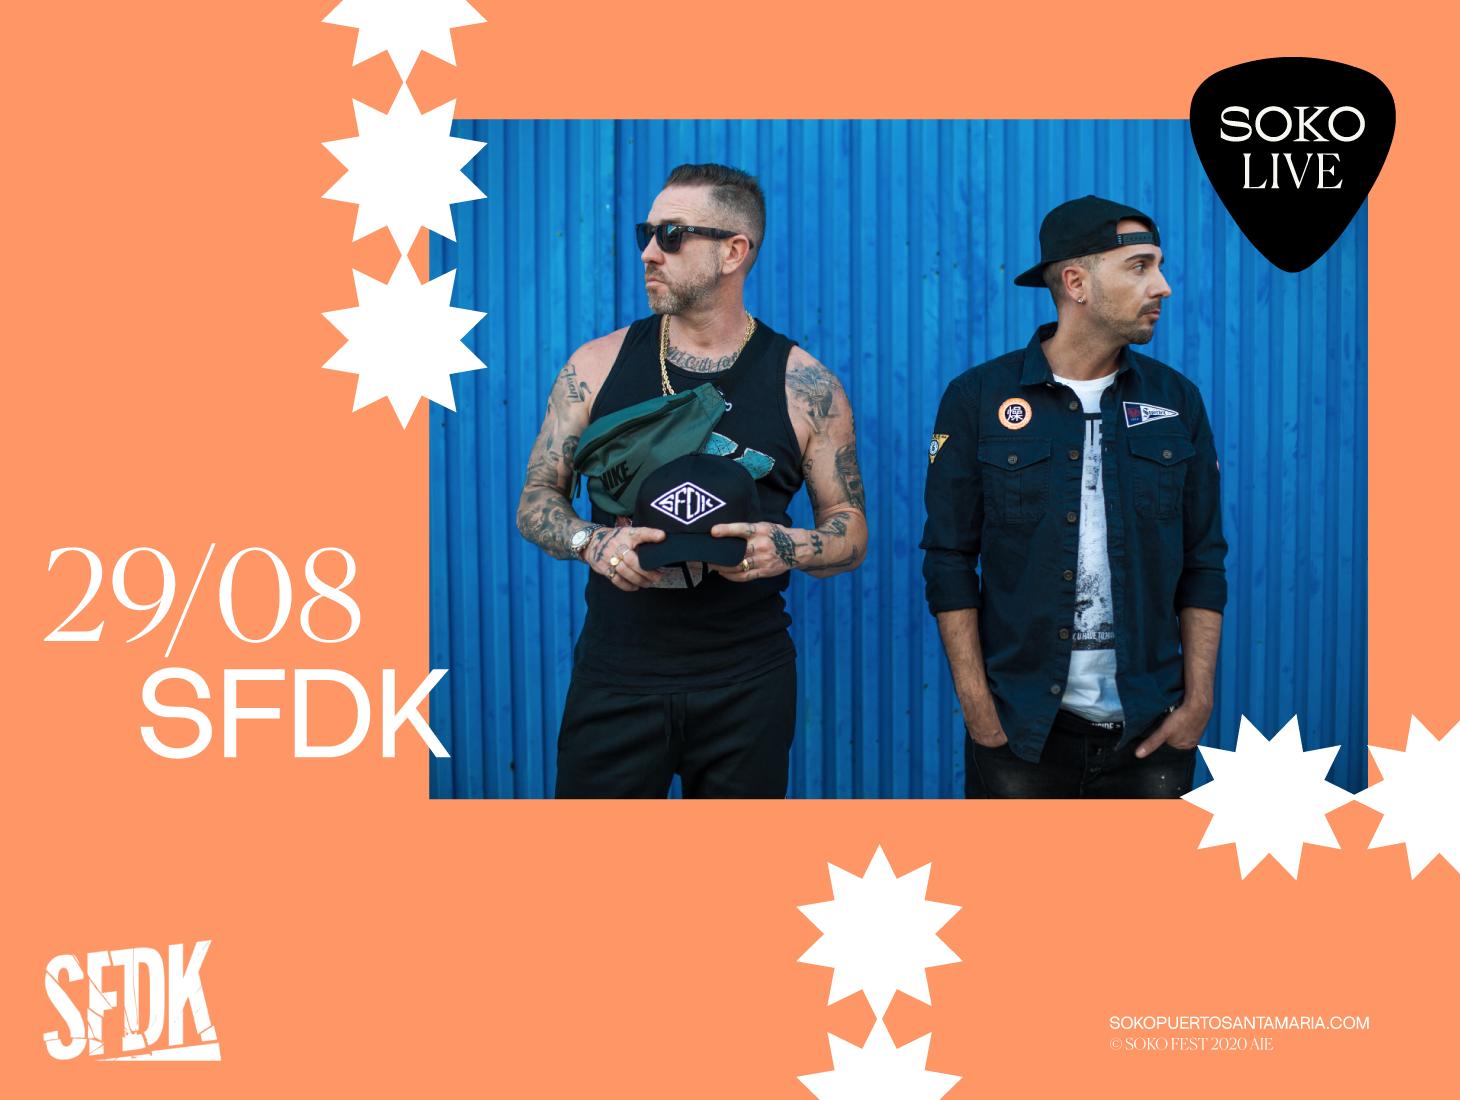 sfdk-soko-live-sabado-29-de-agosto-5ef4b4efe485f.png